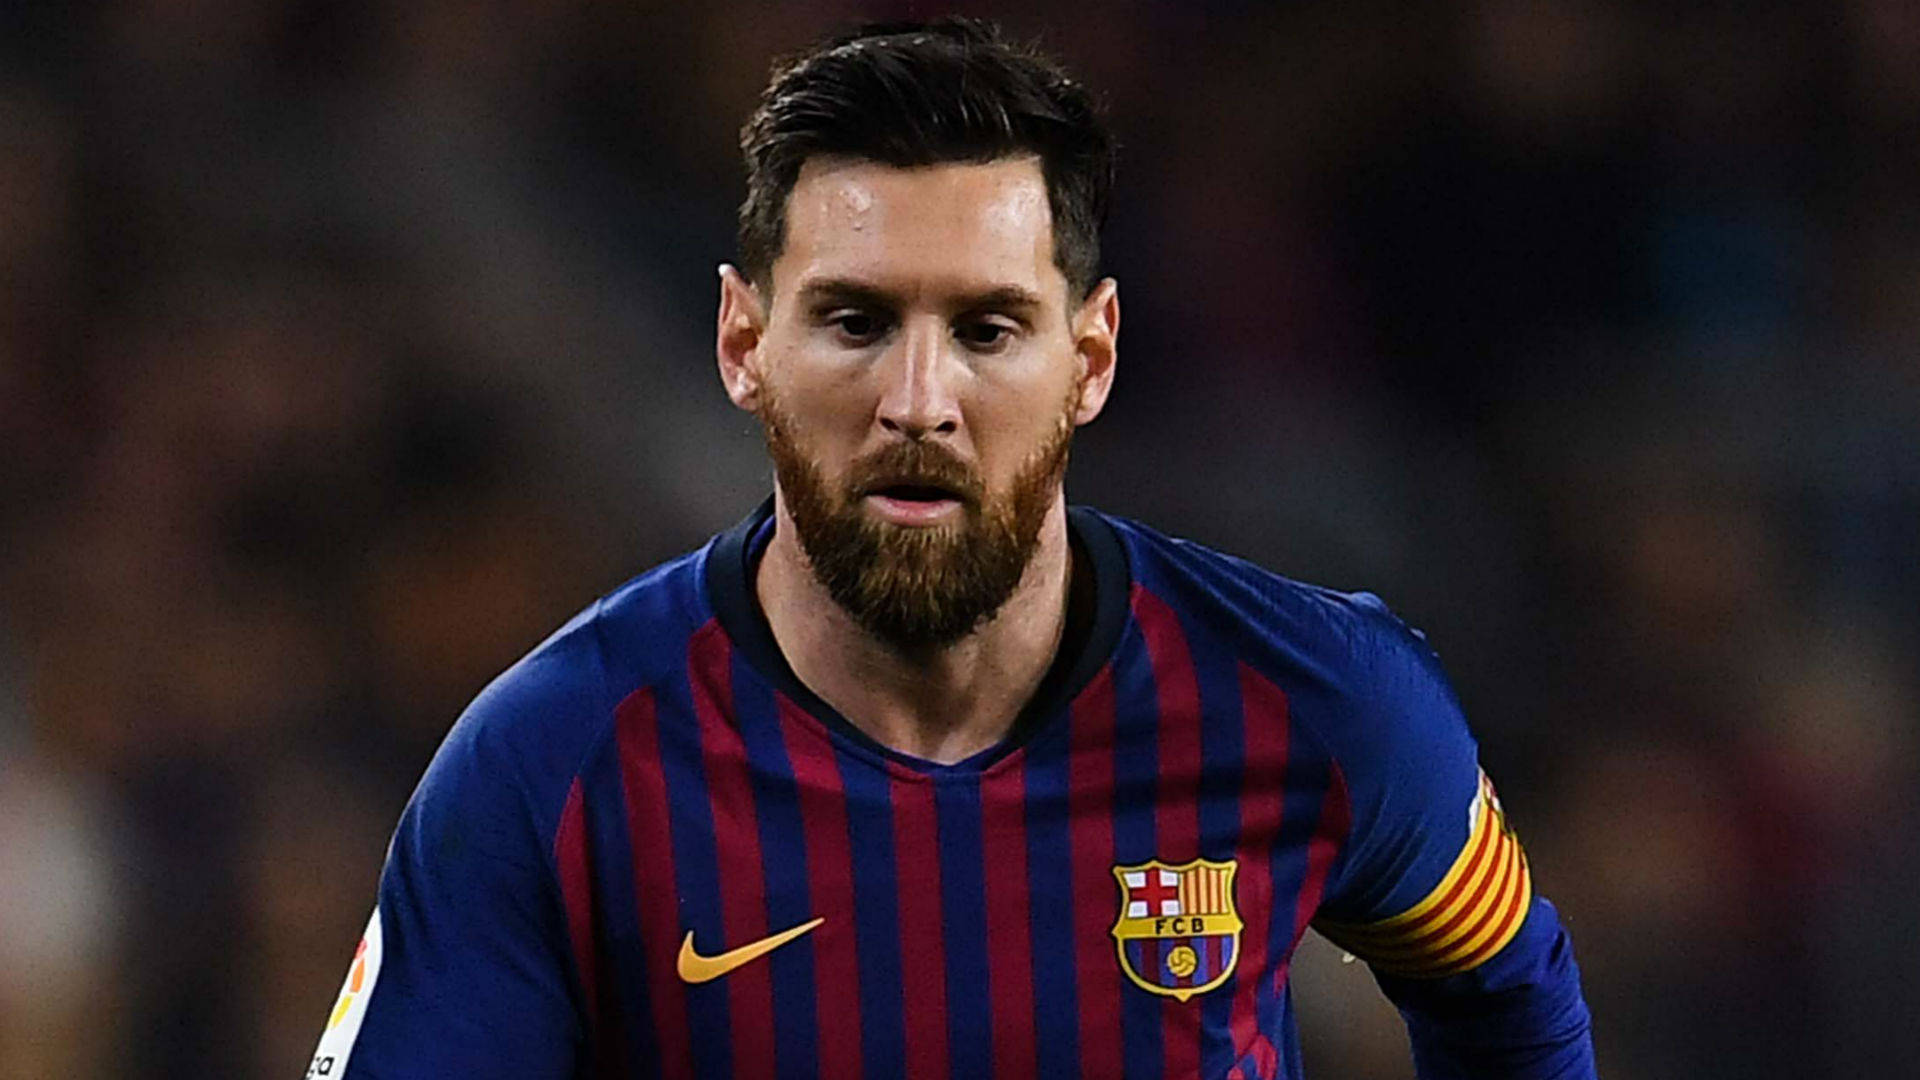 Messi at Copa Libertadores final